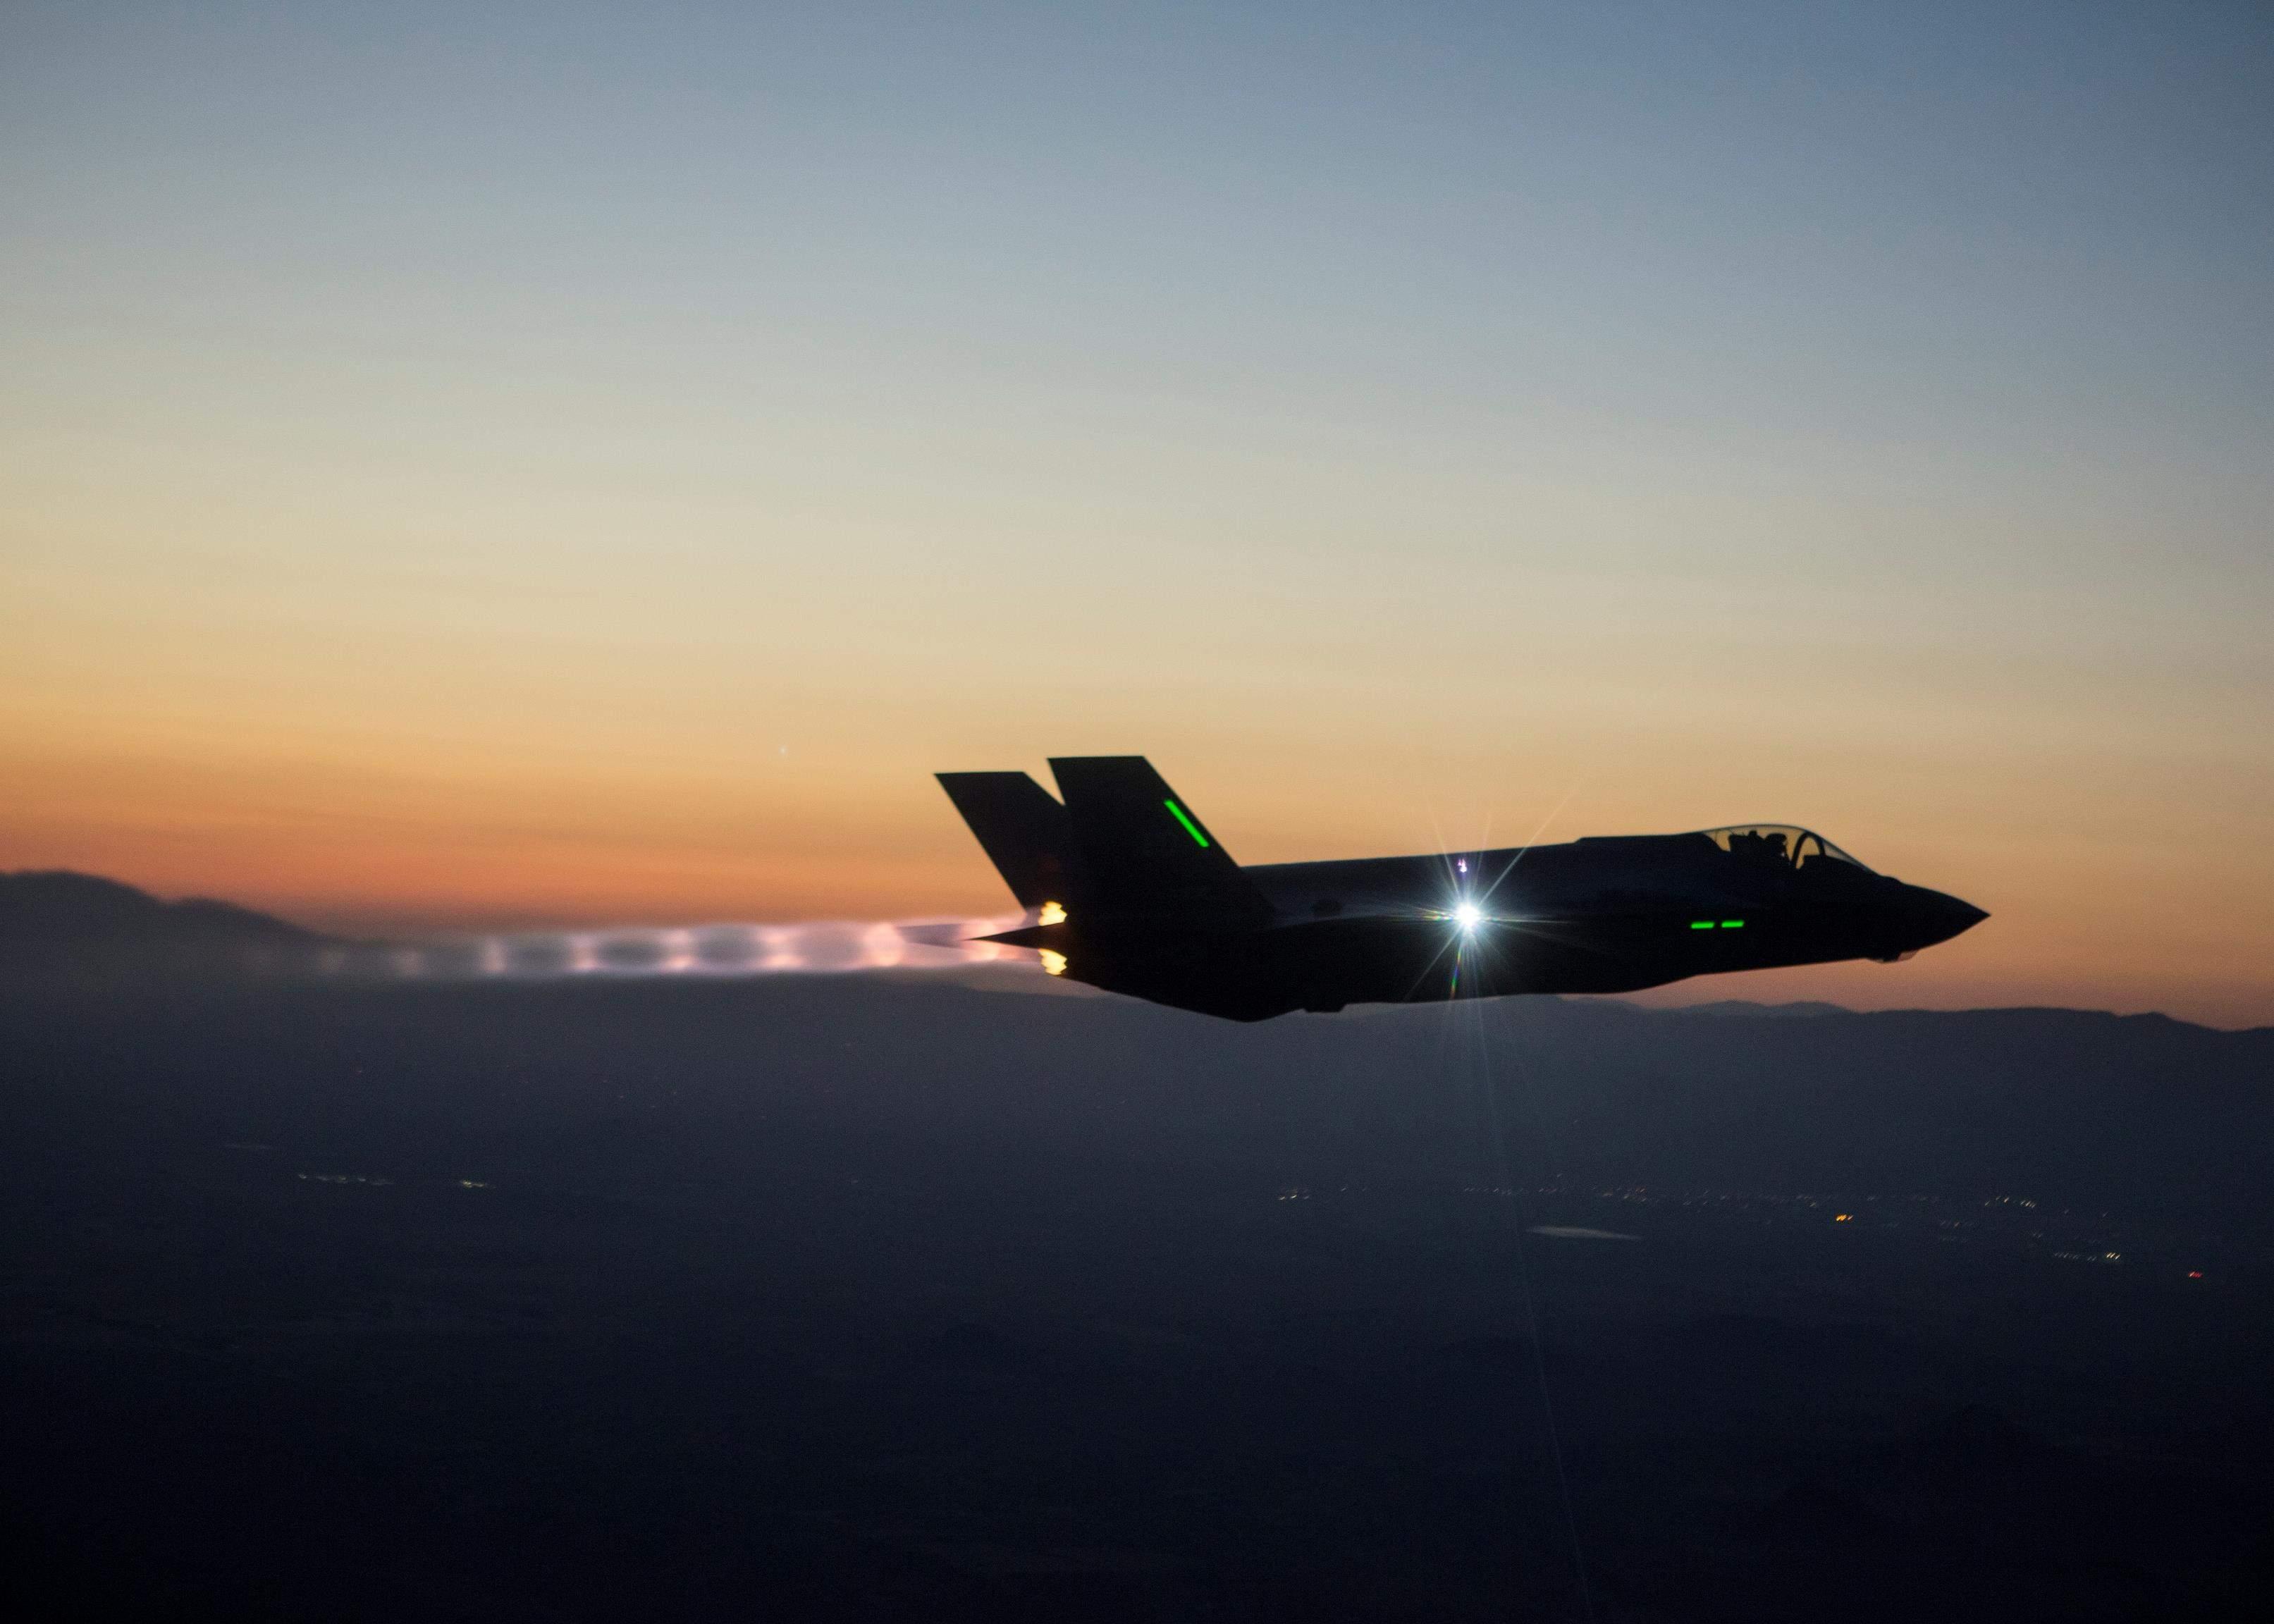 F-35 Lighting